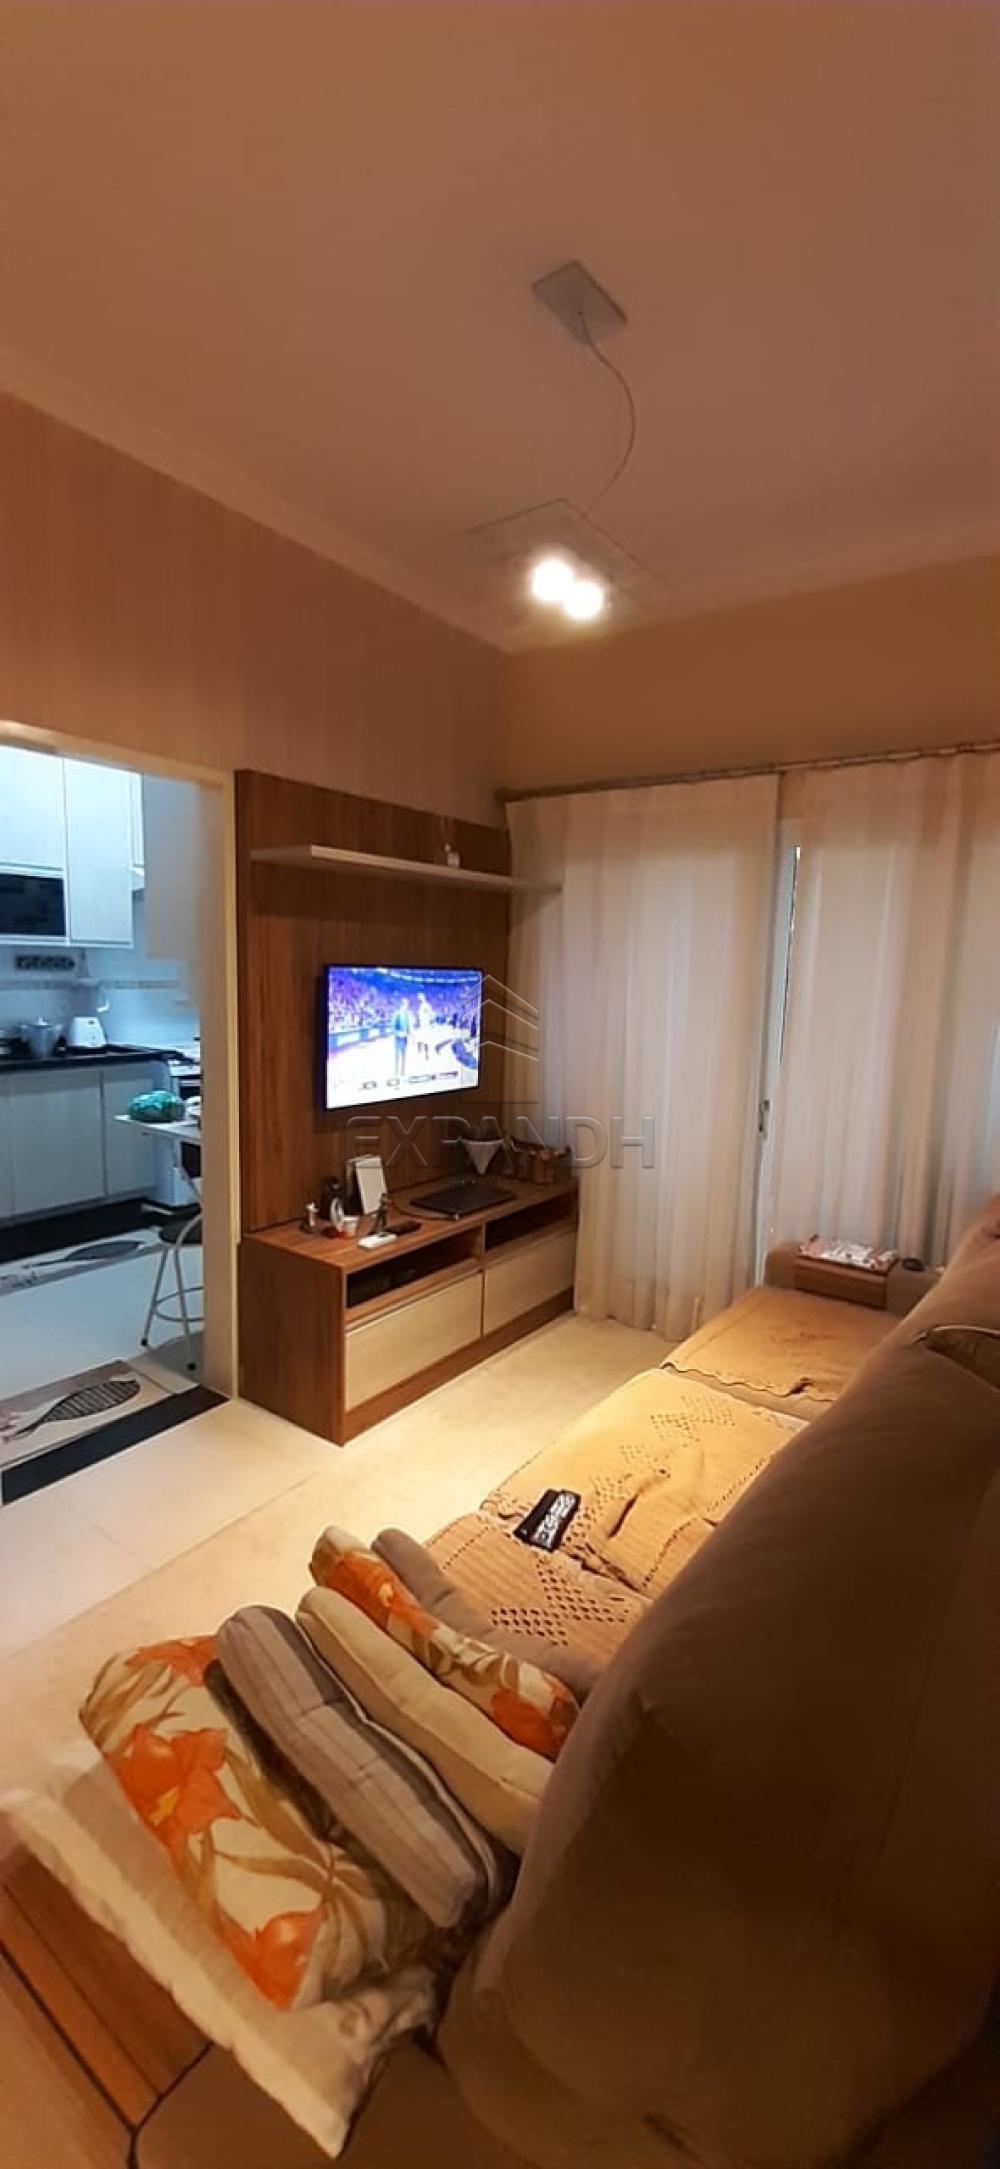 Alugar Apartamentos / Padrão em Sertãozinho apenas R$ 990,00 - Foto 2